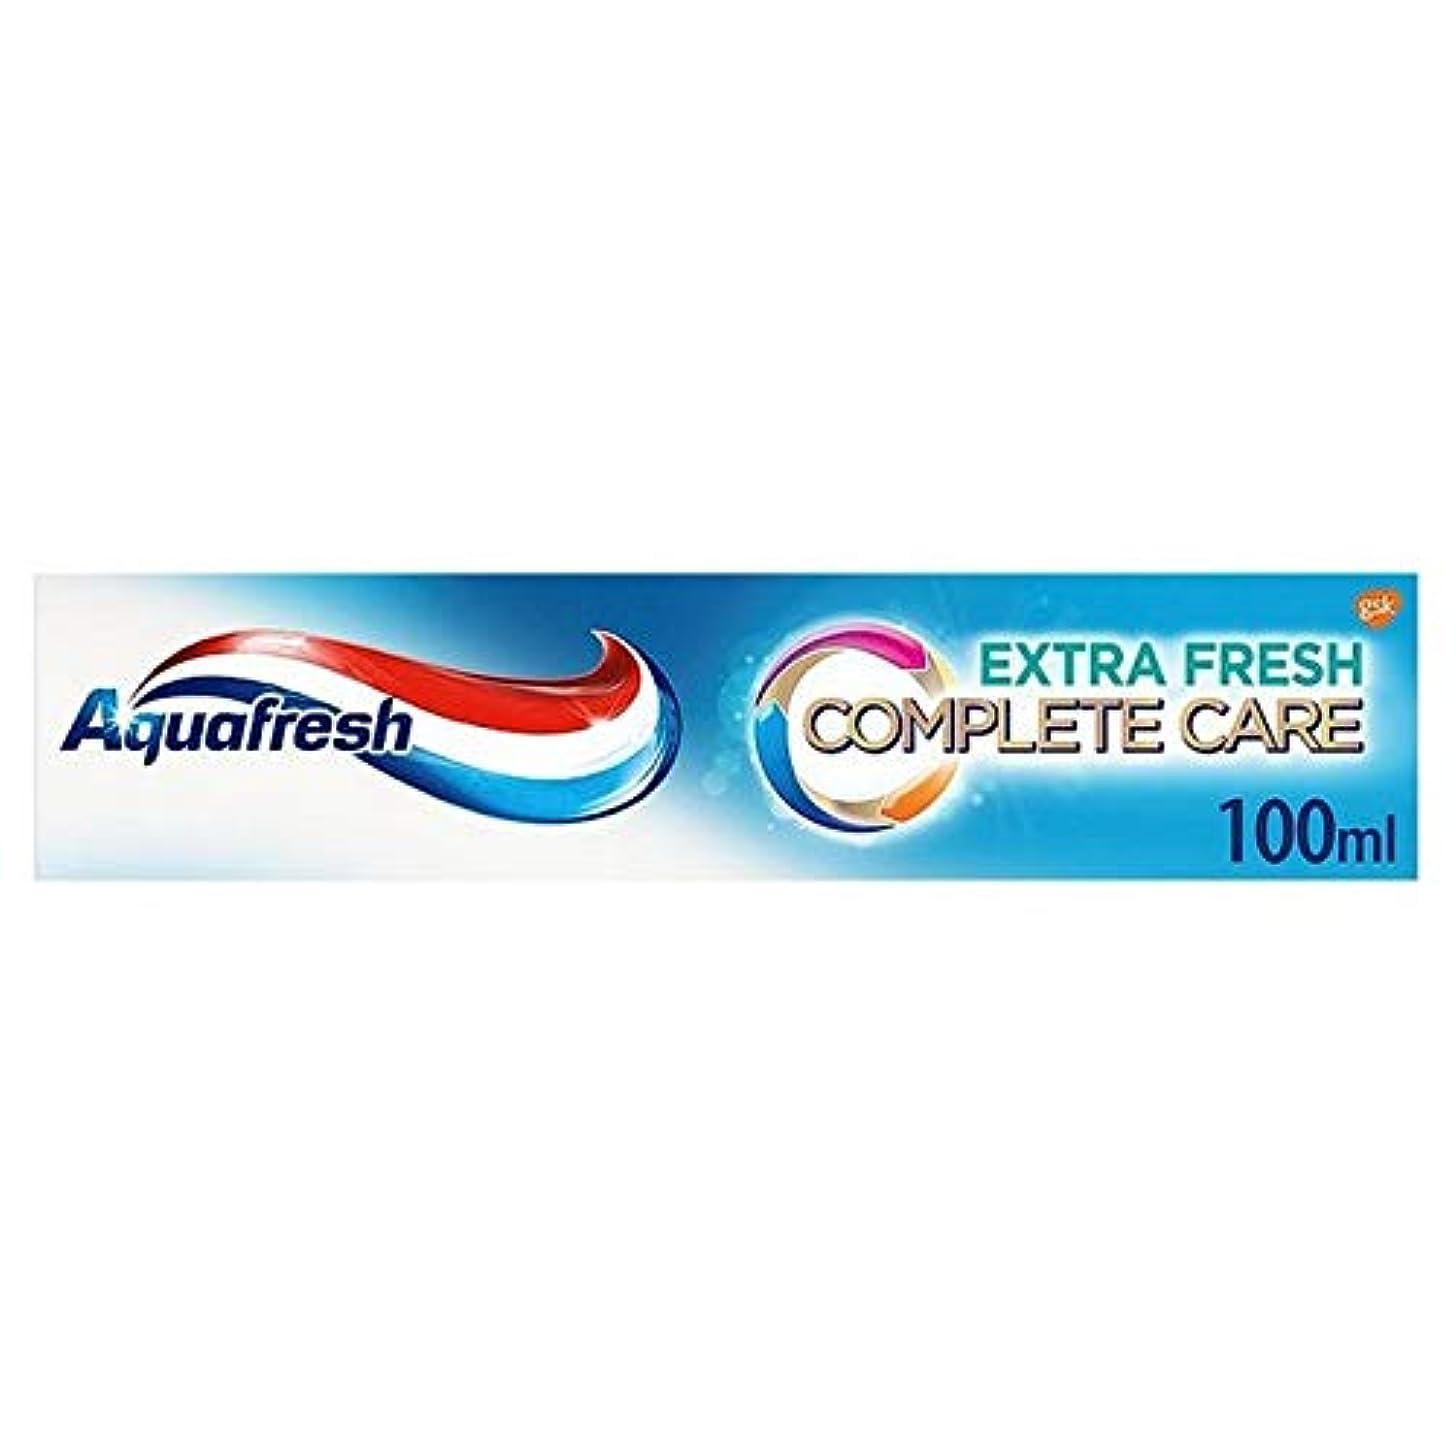 志す資本便利さ[Aquafresh ] アクアフレッシュ完全なケアの余分な新鮮な歯磨き粉の100ミリリットル - Aquafresh Complete Care Extra Fresh Toothpaste 100ml [並行輸入品]